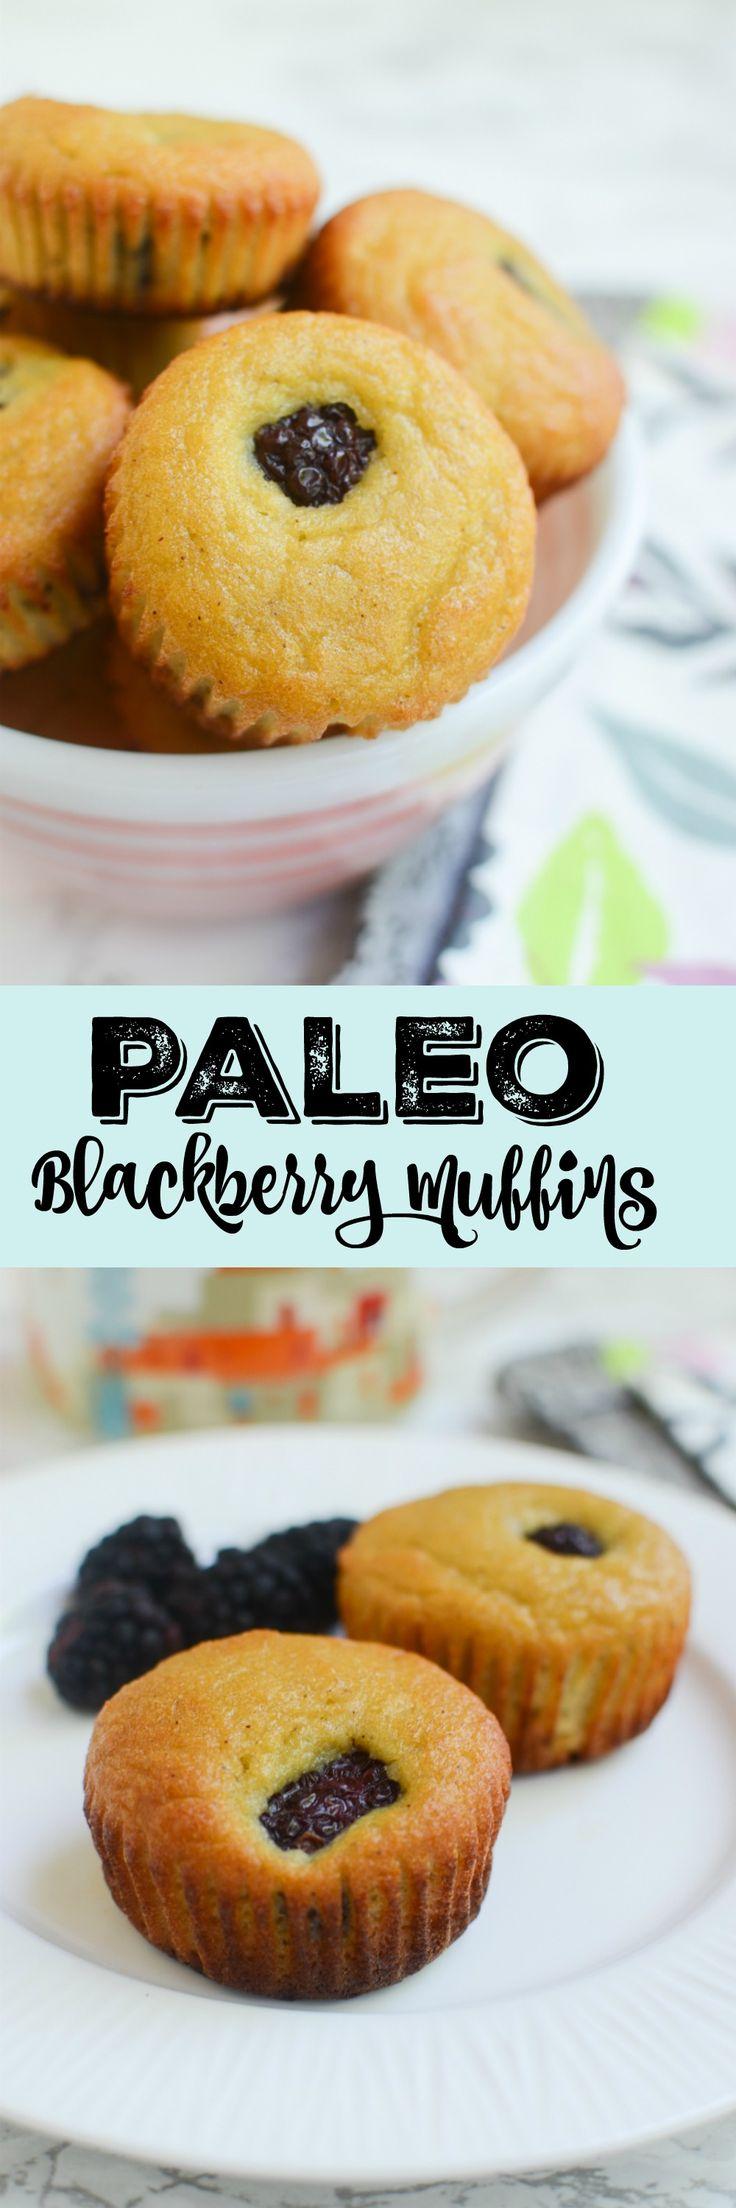 Blackberry muffin on Pinterest | Blackberry recipes, Blackberries ...